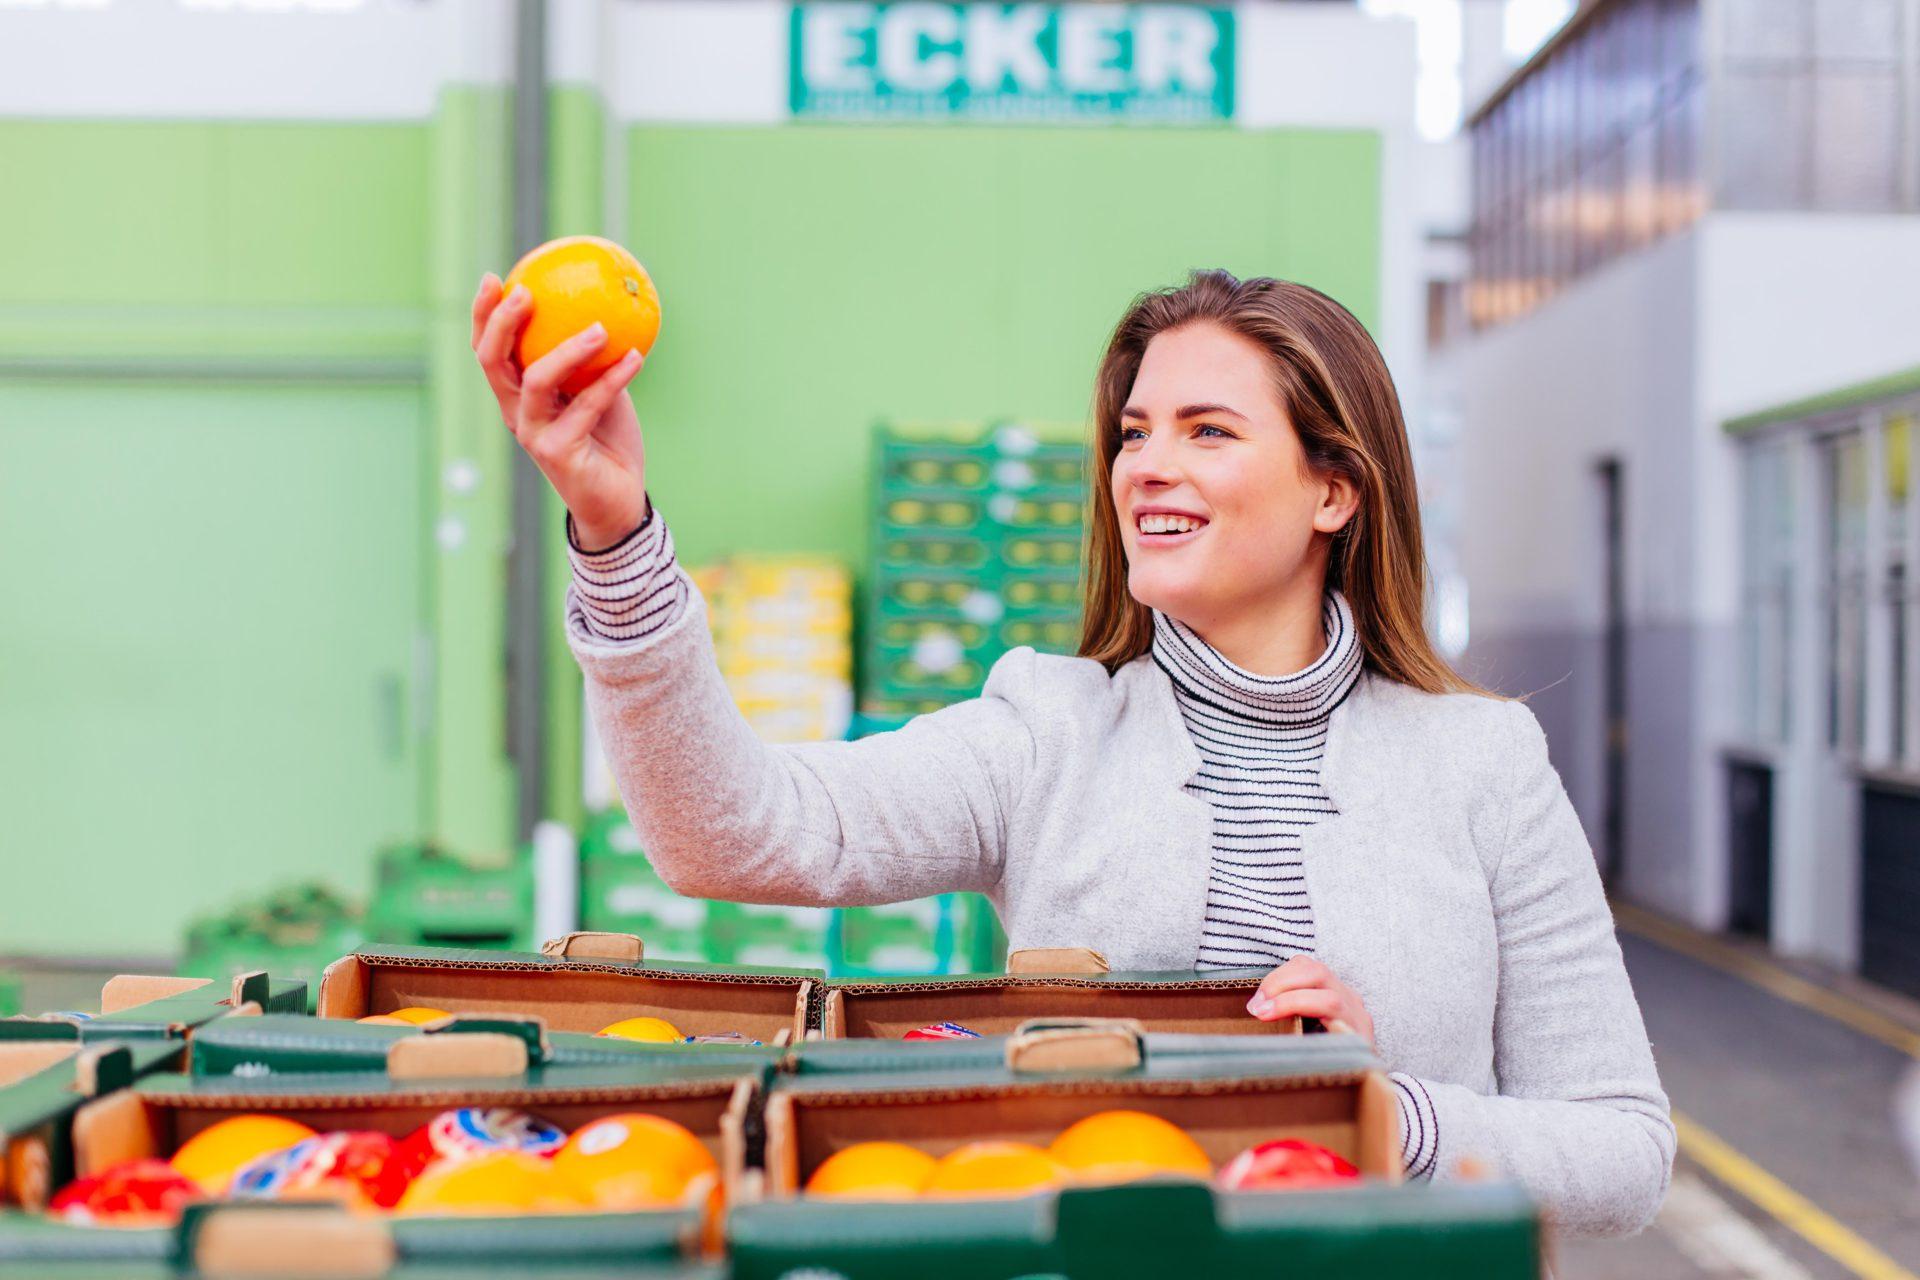 Junge Frau hält Orange hoch um sie zu begutachten